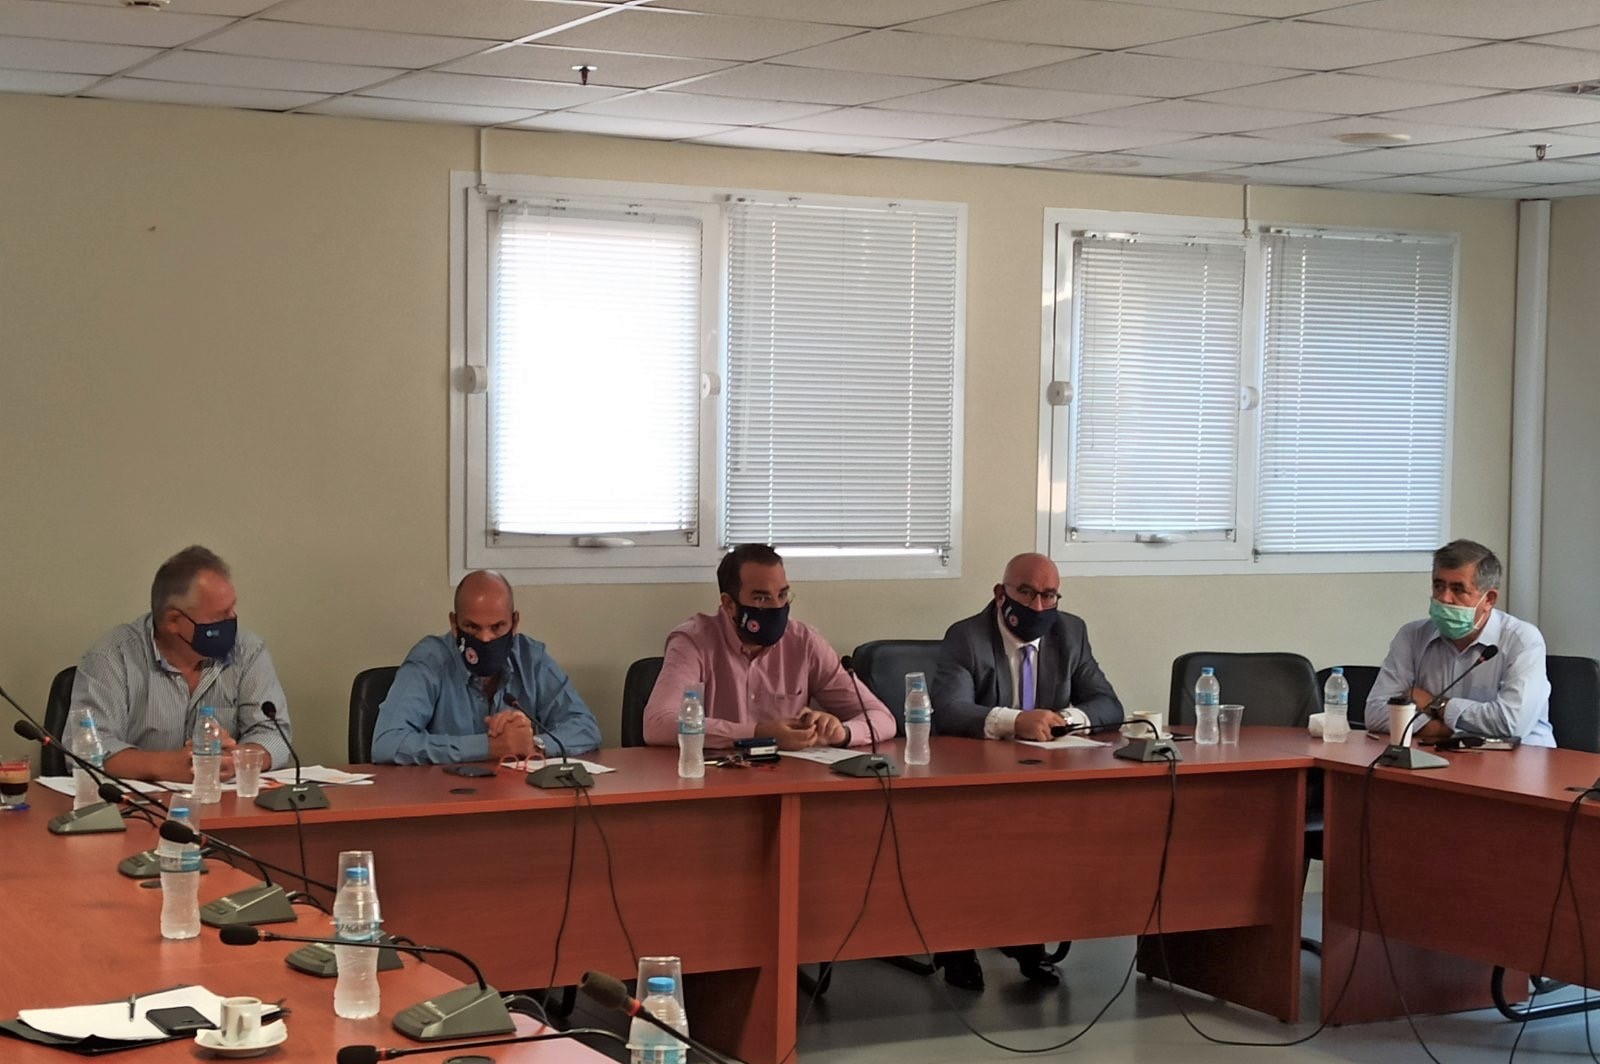 """ΠΔΕ- Ν. Φαρμάκης: Έκτακτη Συνεδρίαση του ΣΟΠΠ- Κλειστά τα σχολεία στη Δυτική Ελλάδα την Παρασκευή 18/9 λόγω """"Ιανού"""""""